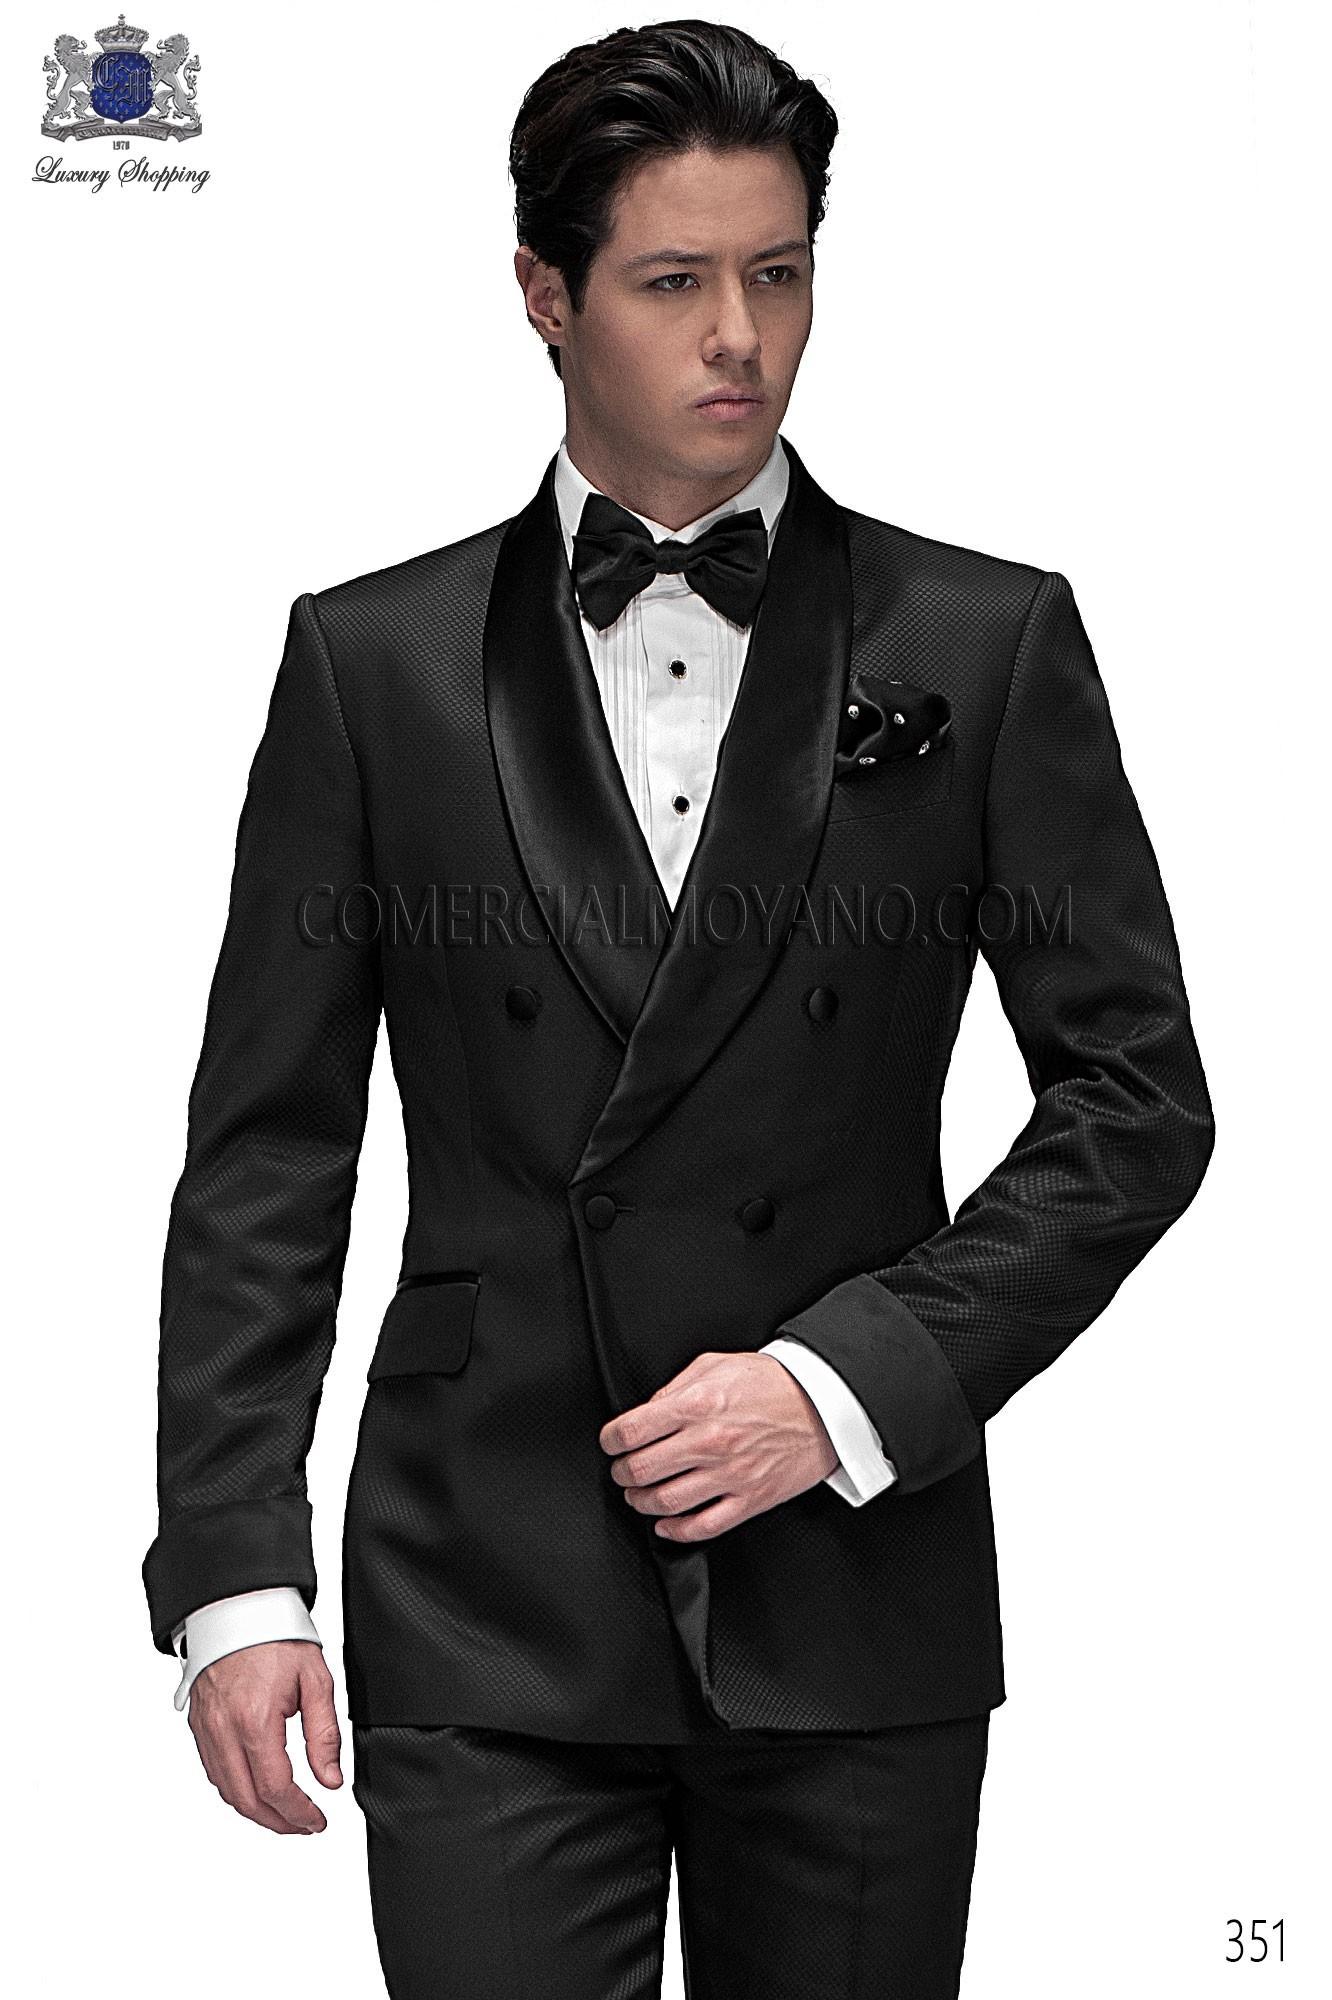 Traje de fiesta hombre negro modelo: 351 Ottavio Nuccio Gala colección Black Tie